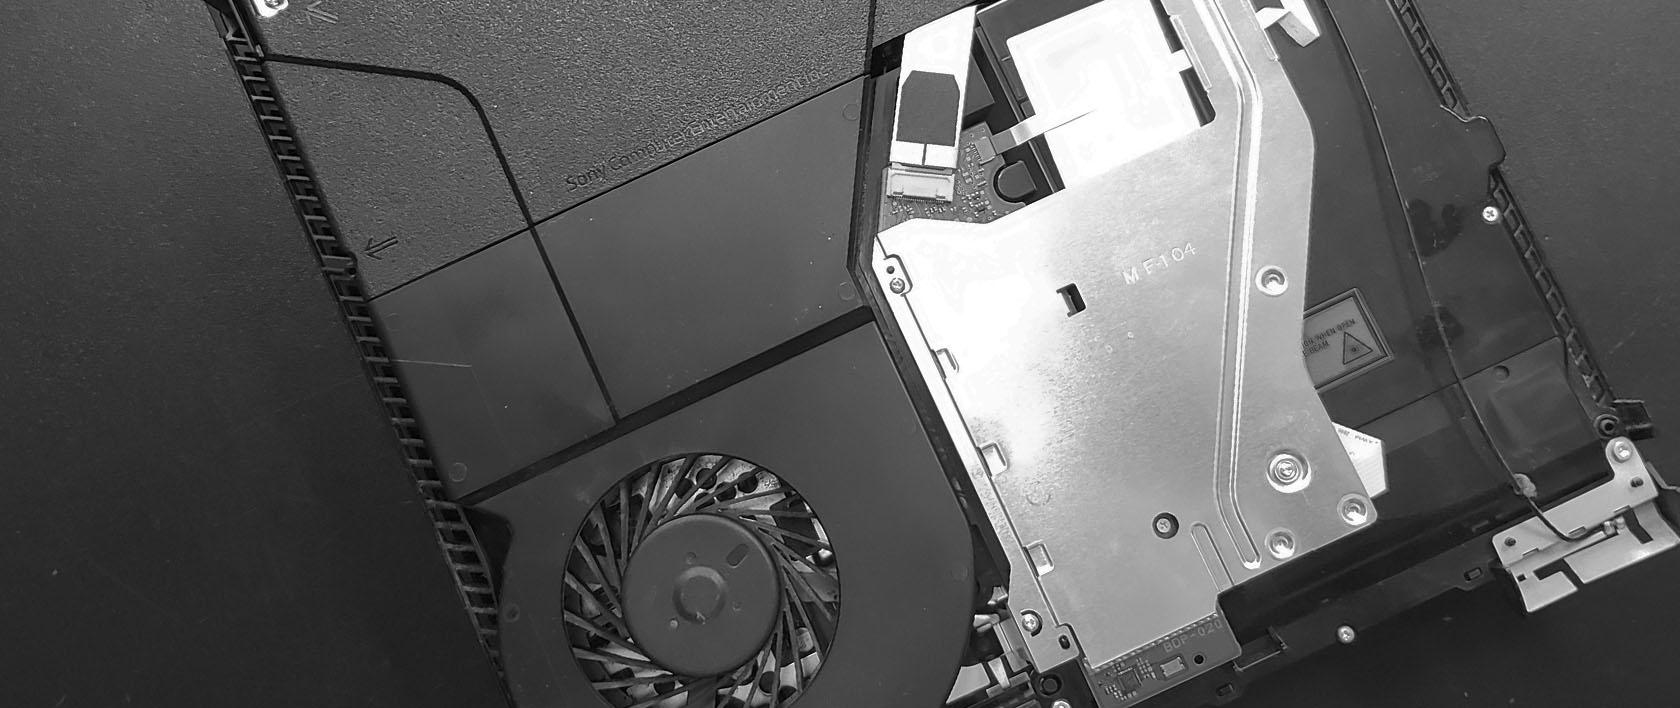 Playstation 4 Repair Las Vegas